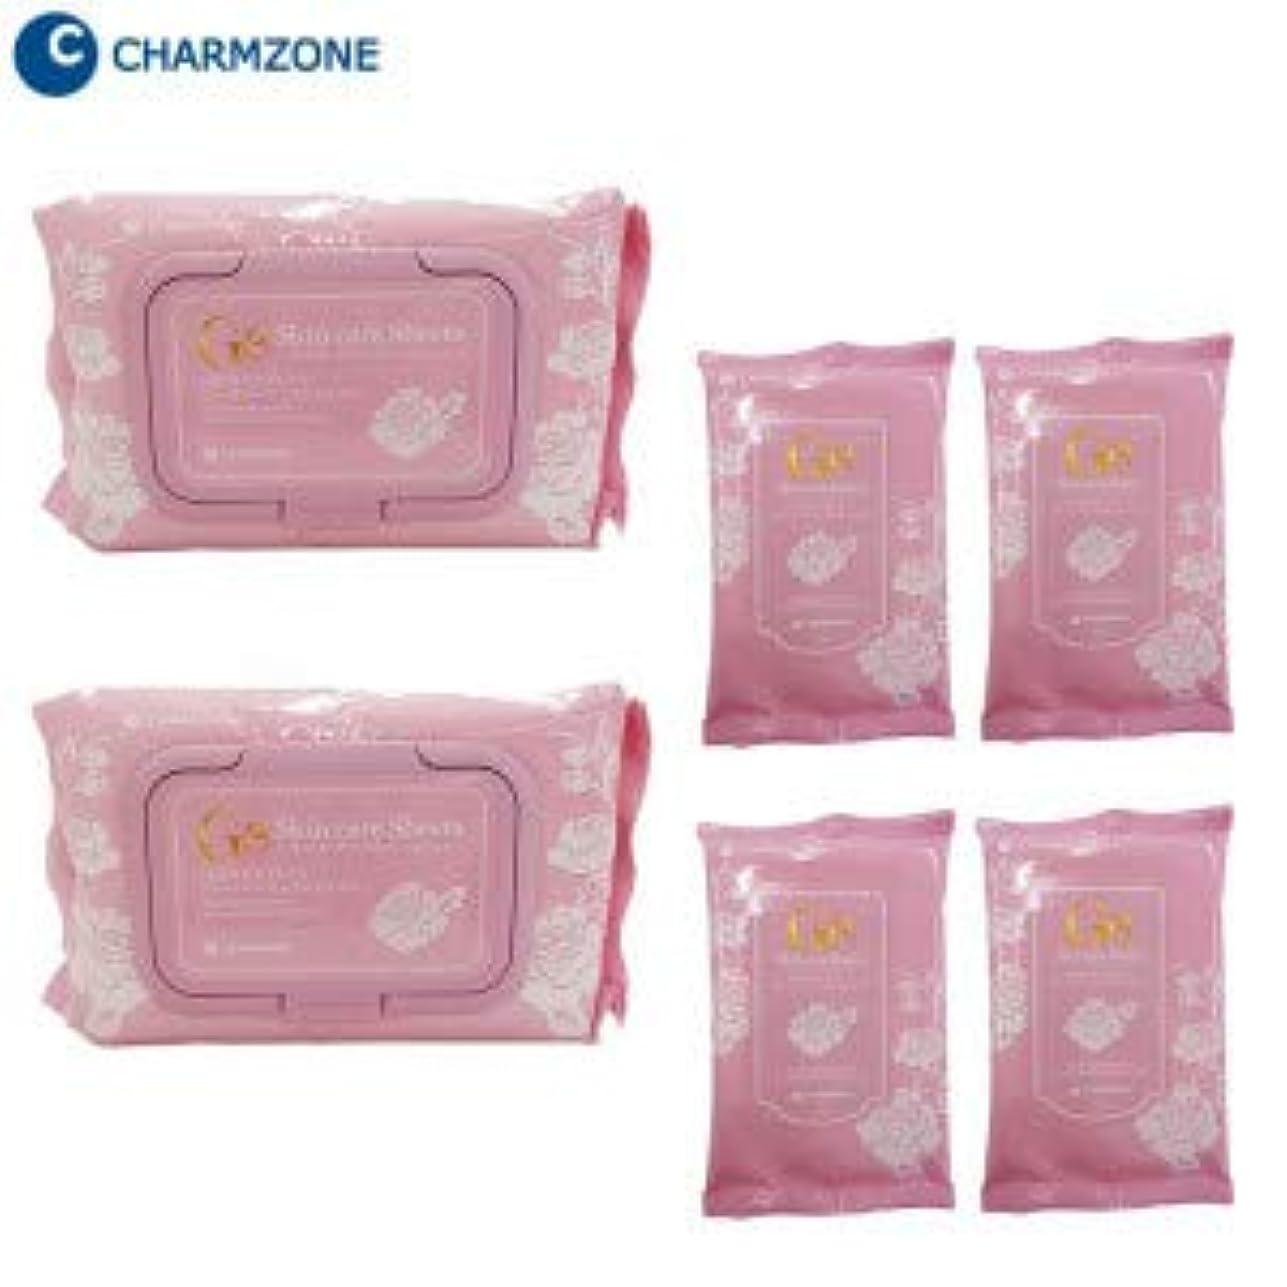 療法小石コード韓国コスメ チャームゾーン Ge スキンケアシート ローズパーフェクトモイスト 160枚(1包60枚×2個、1包10枚×4個)セット RPM160